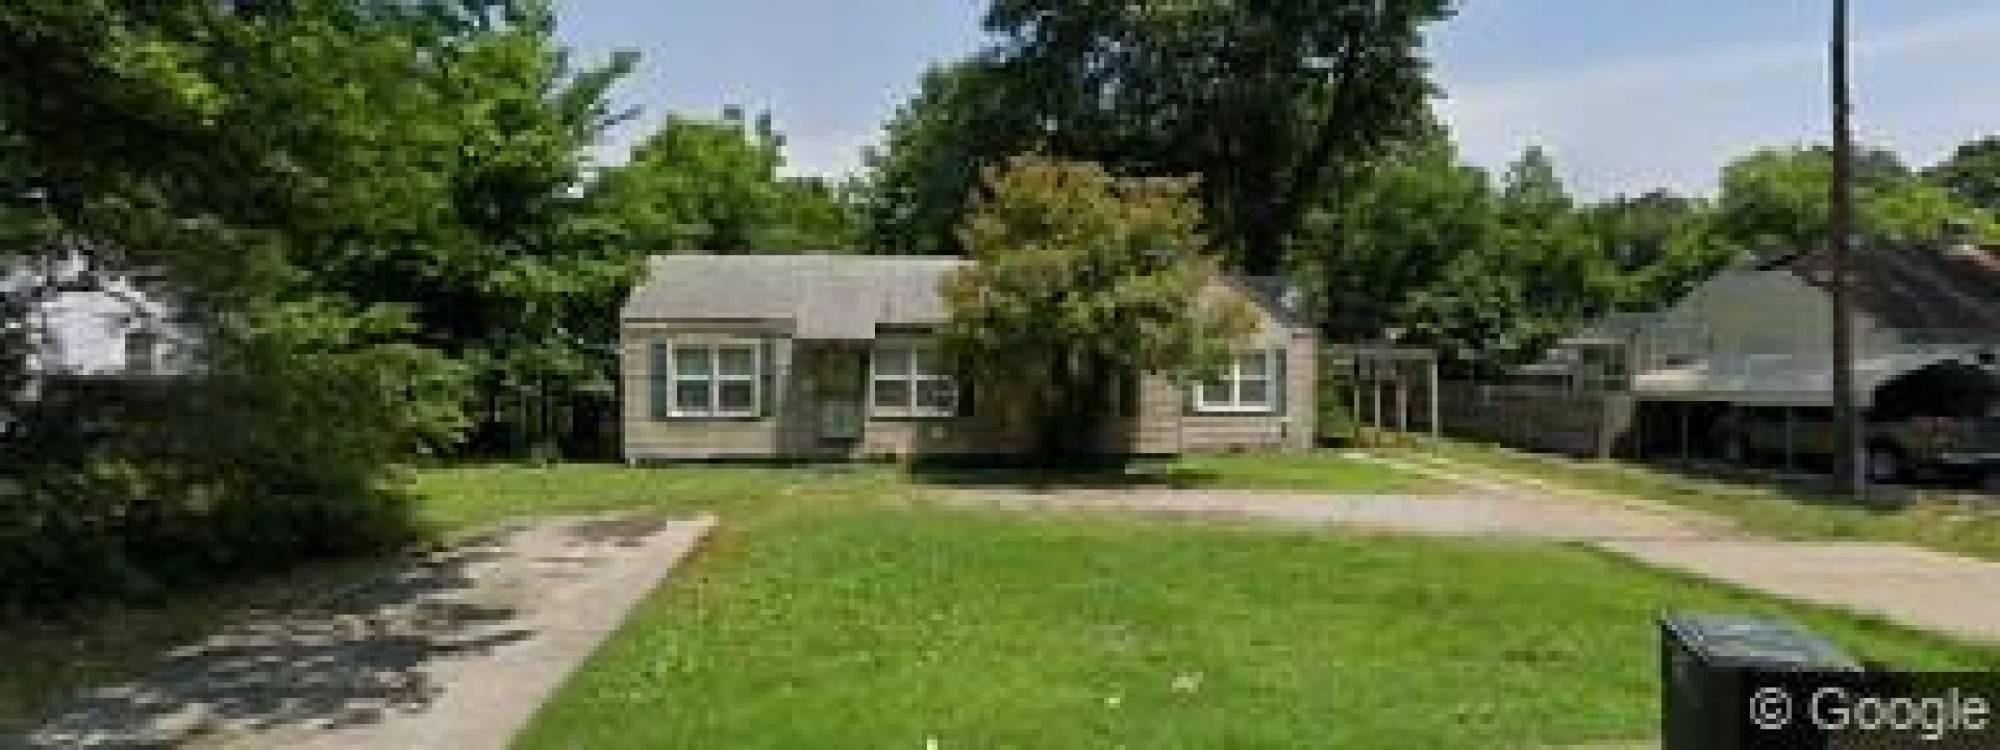 3854 Tutwiler Ave. Memphis TN 38122